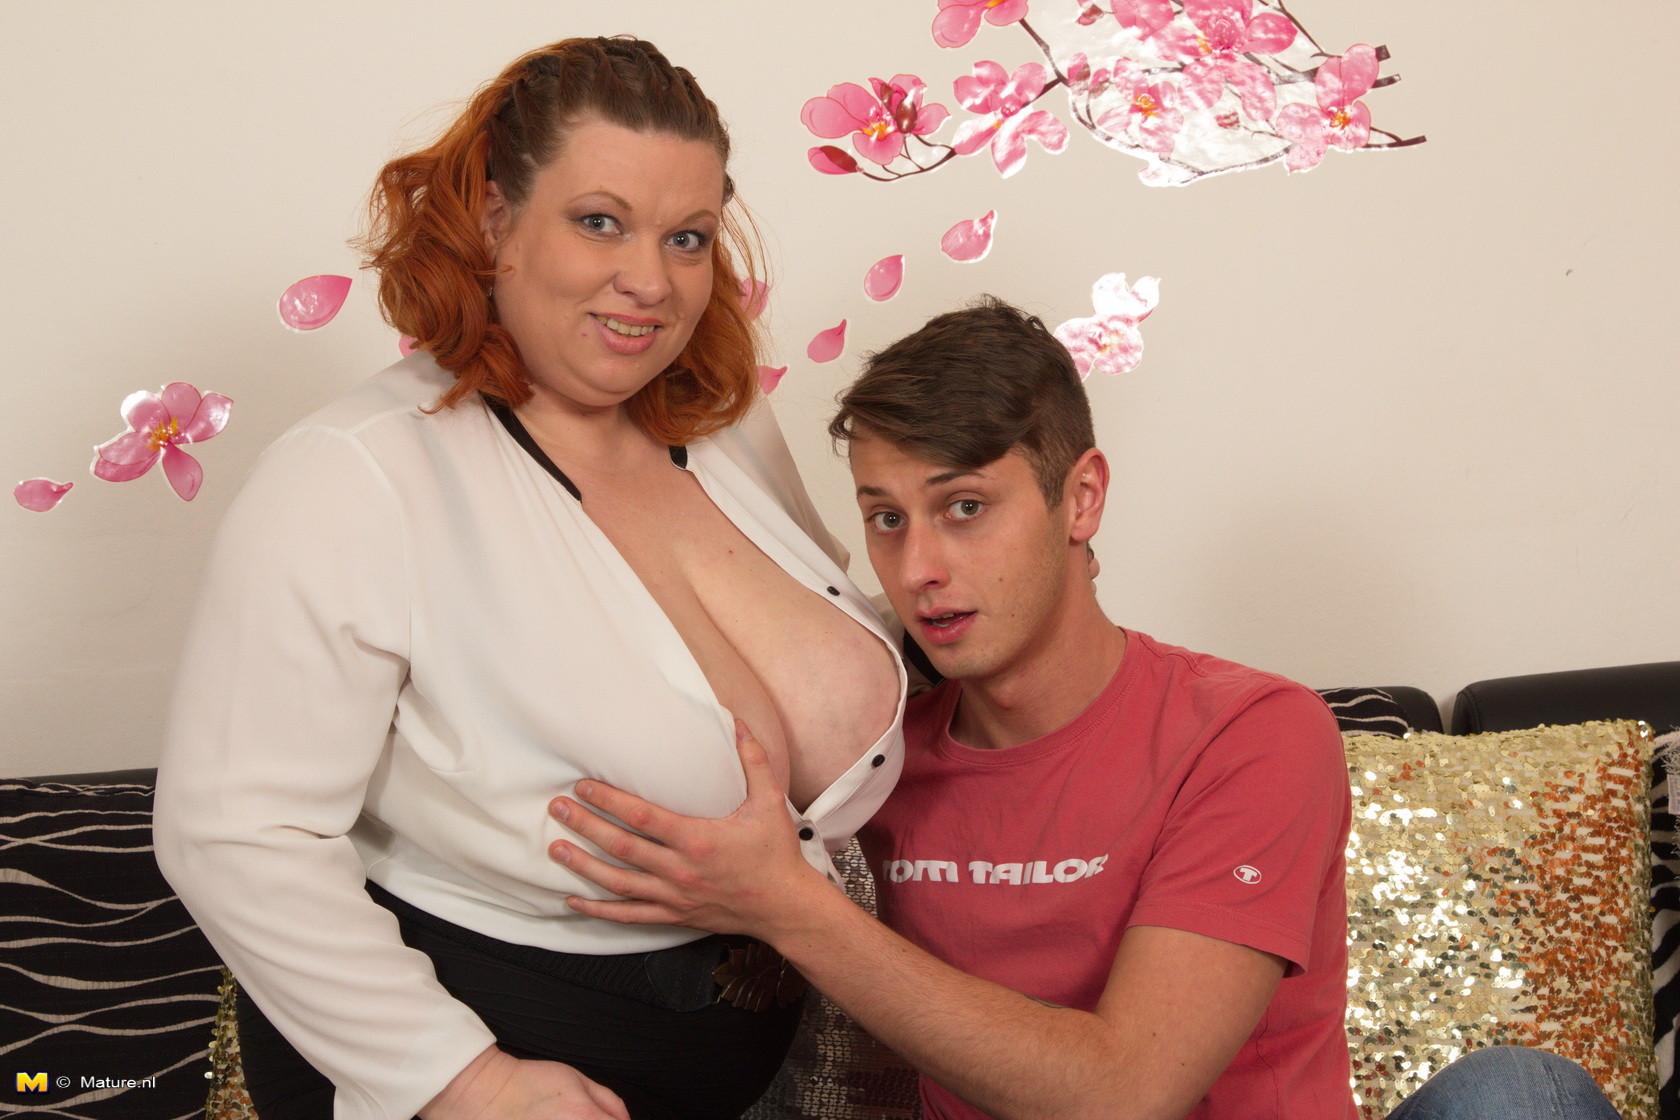 Зрелой женщине с пышной фигурой достается стройный молодой парень, который готов ее ублажать